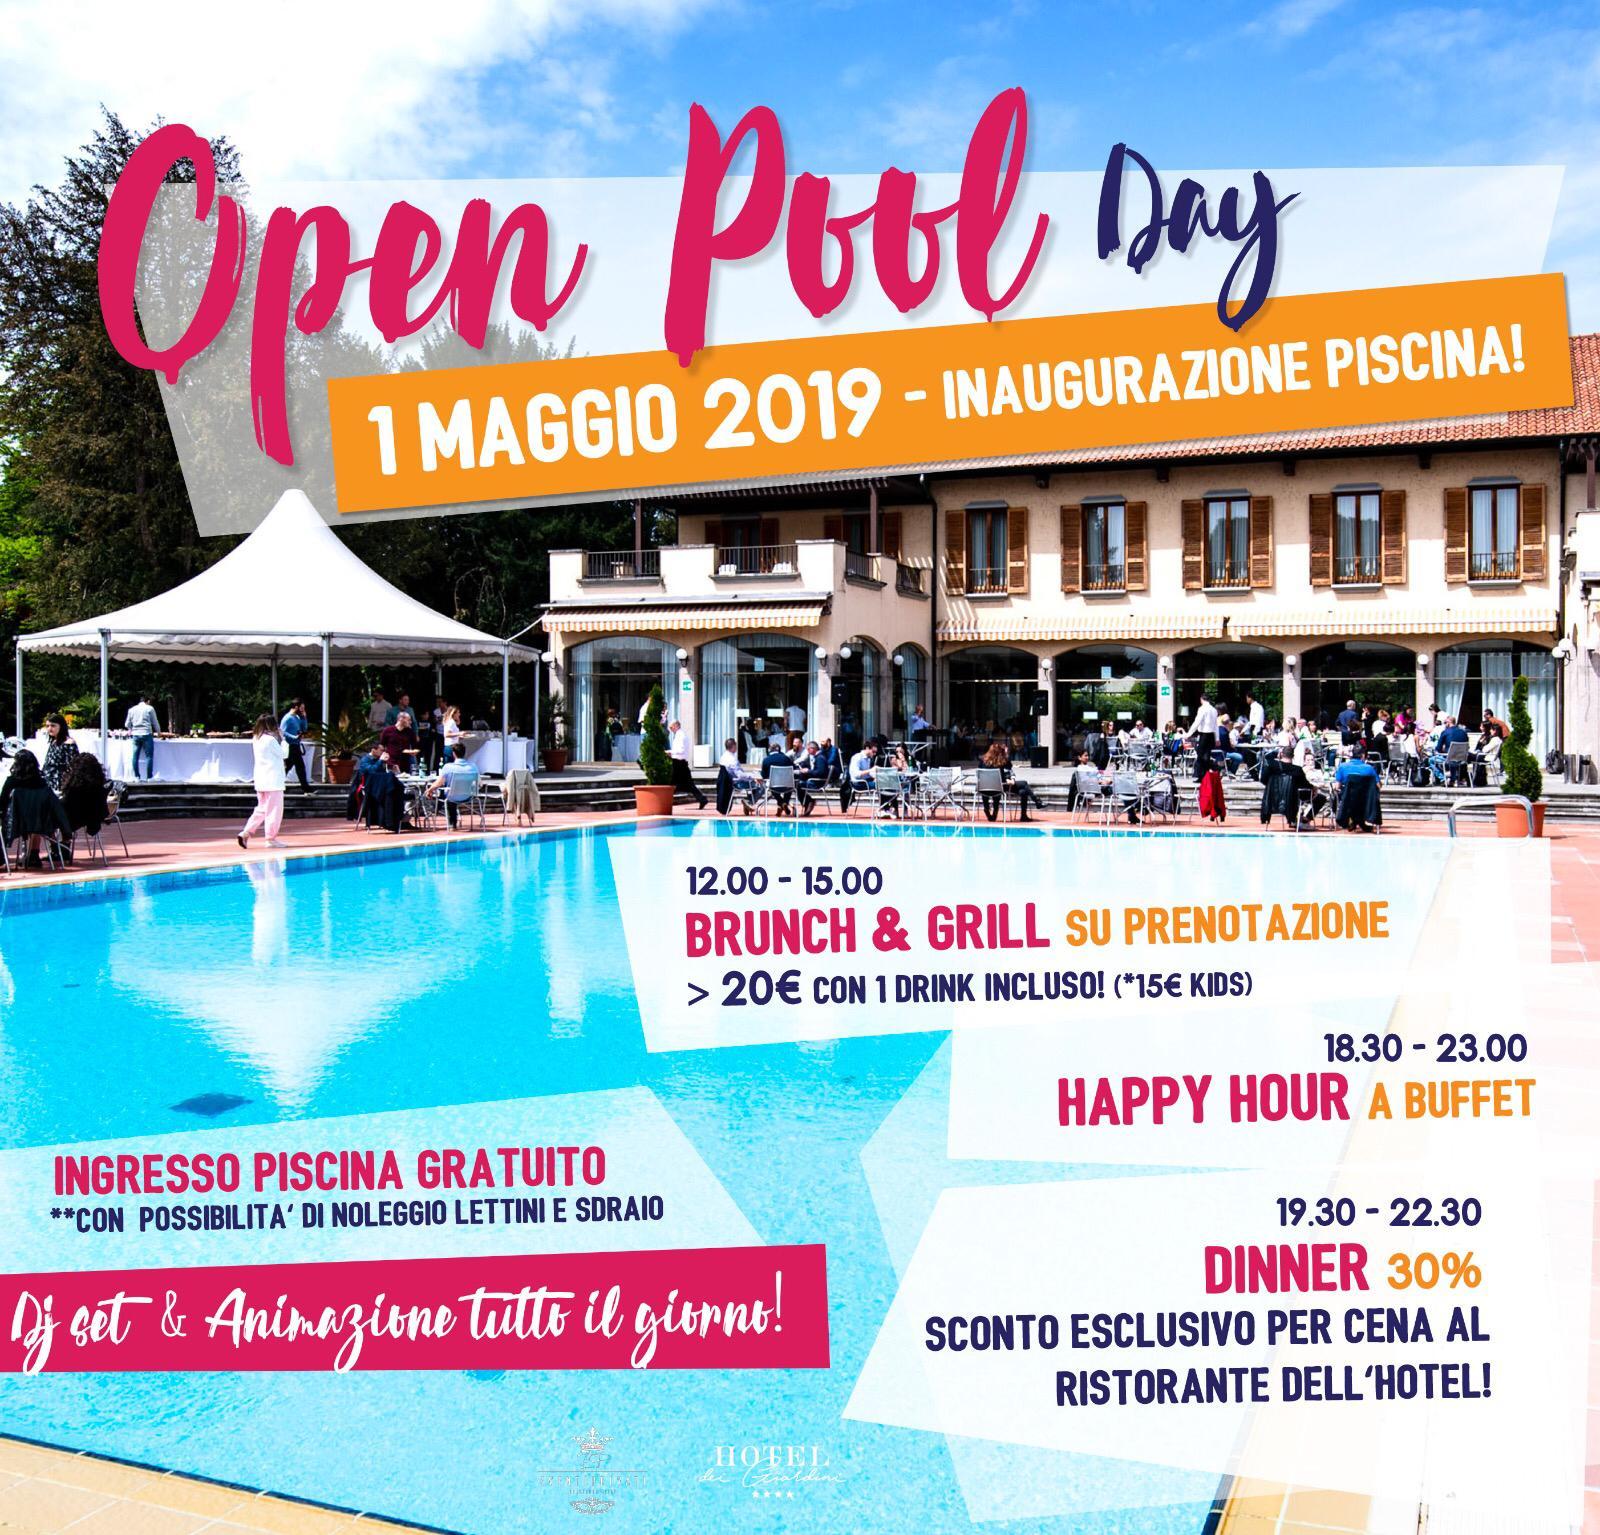 Foto: 1 maggio pool party con brunch e grigliata